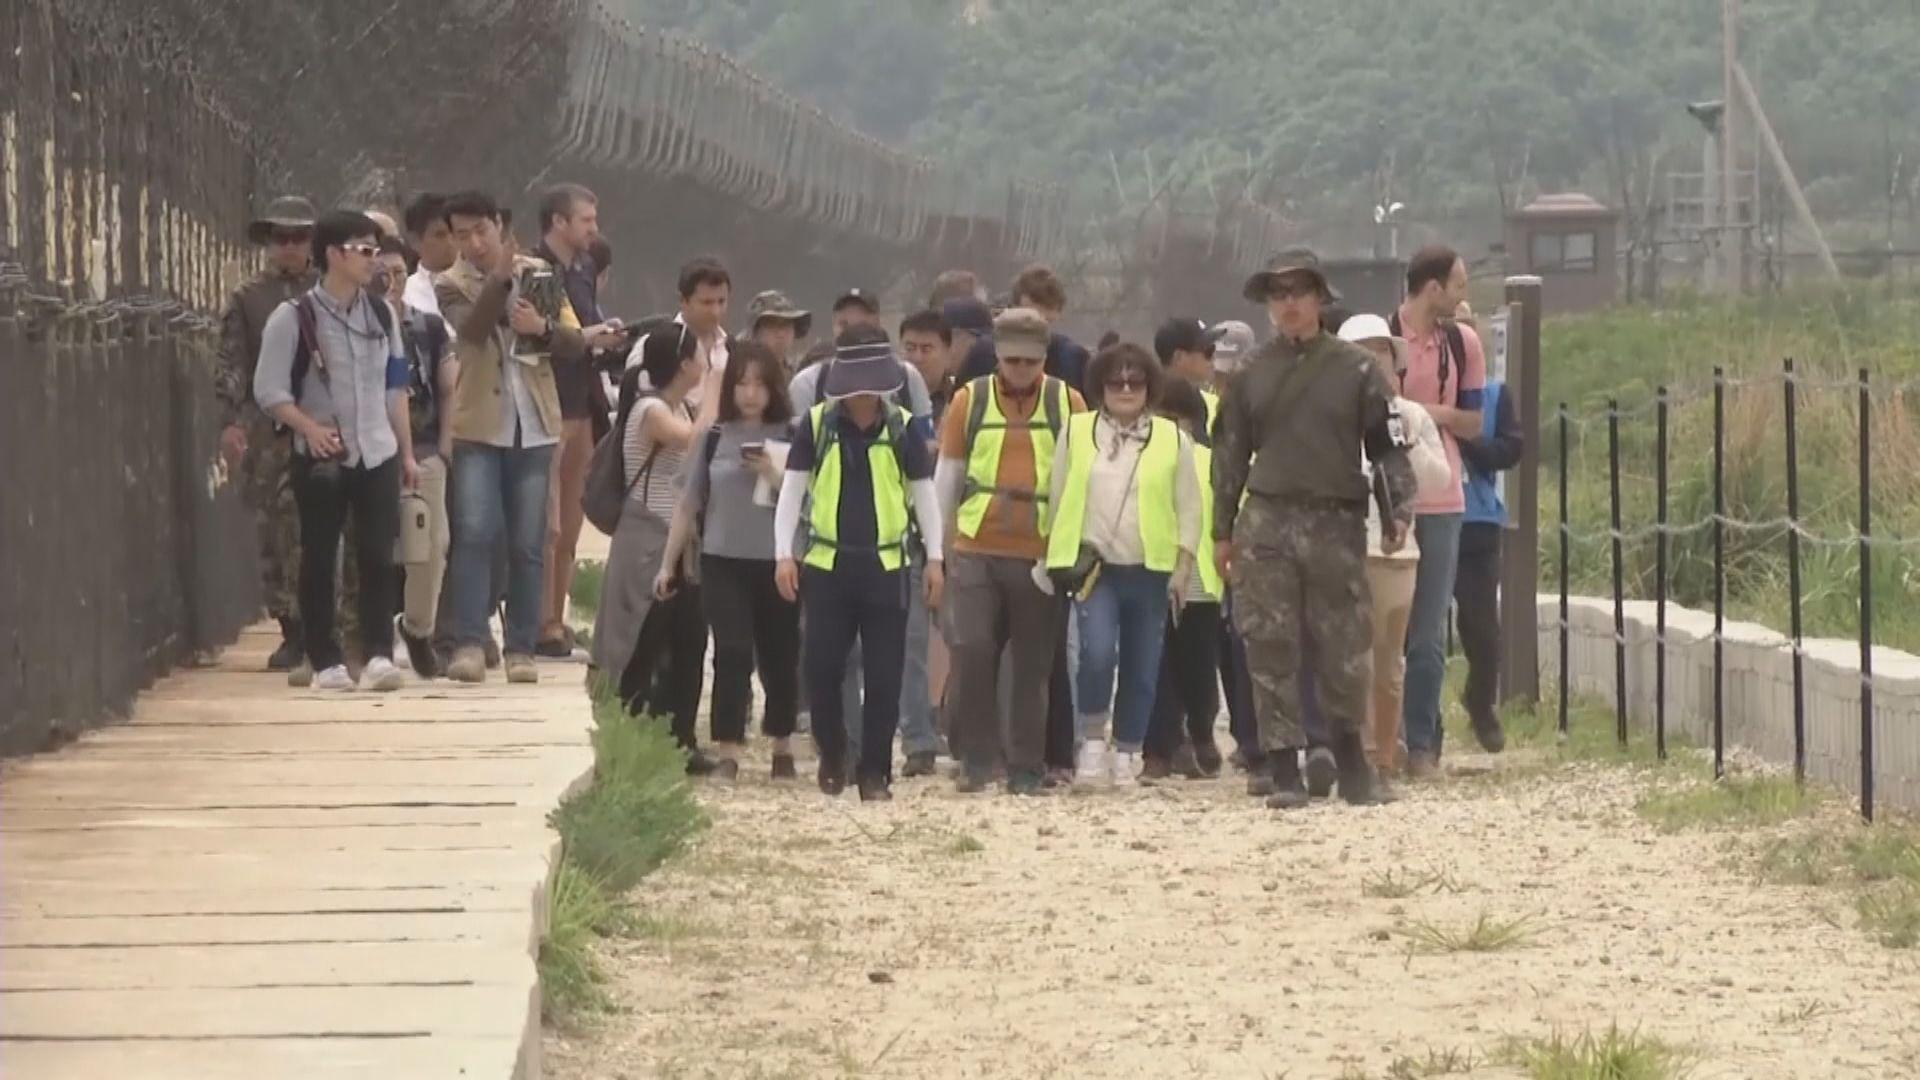 南韓開放邊境非軍事區給民眾遊覽